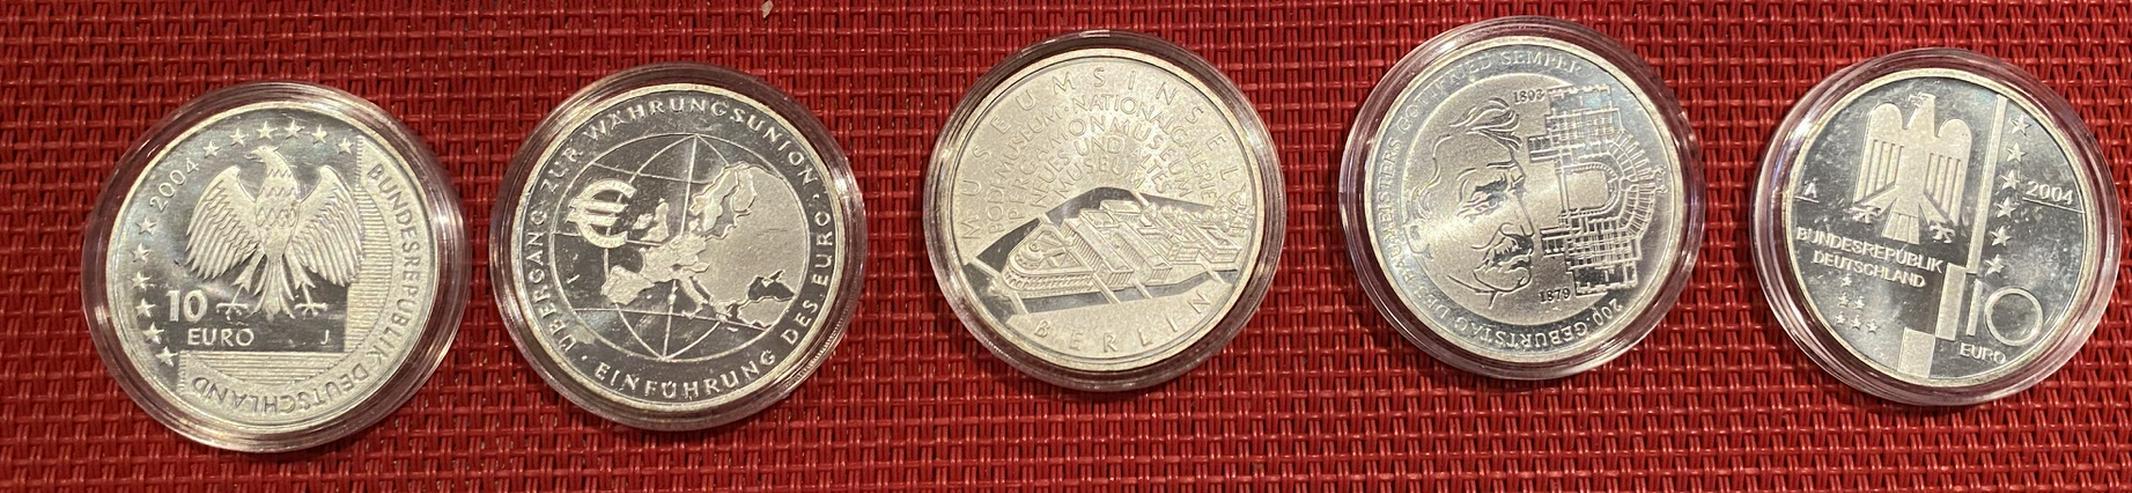 Konvolut Münzen (5DM,Euro-Gedenkmünzen,DM-Scheine)